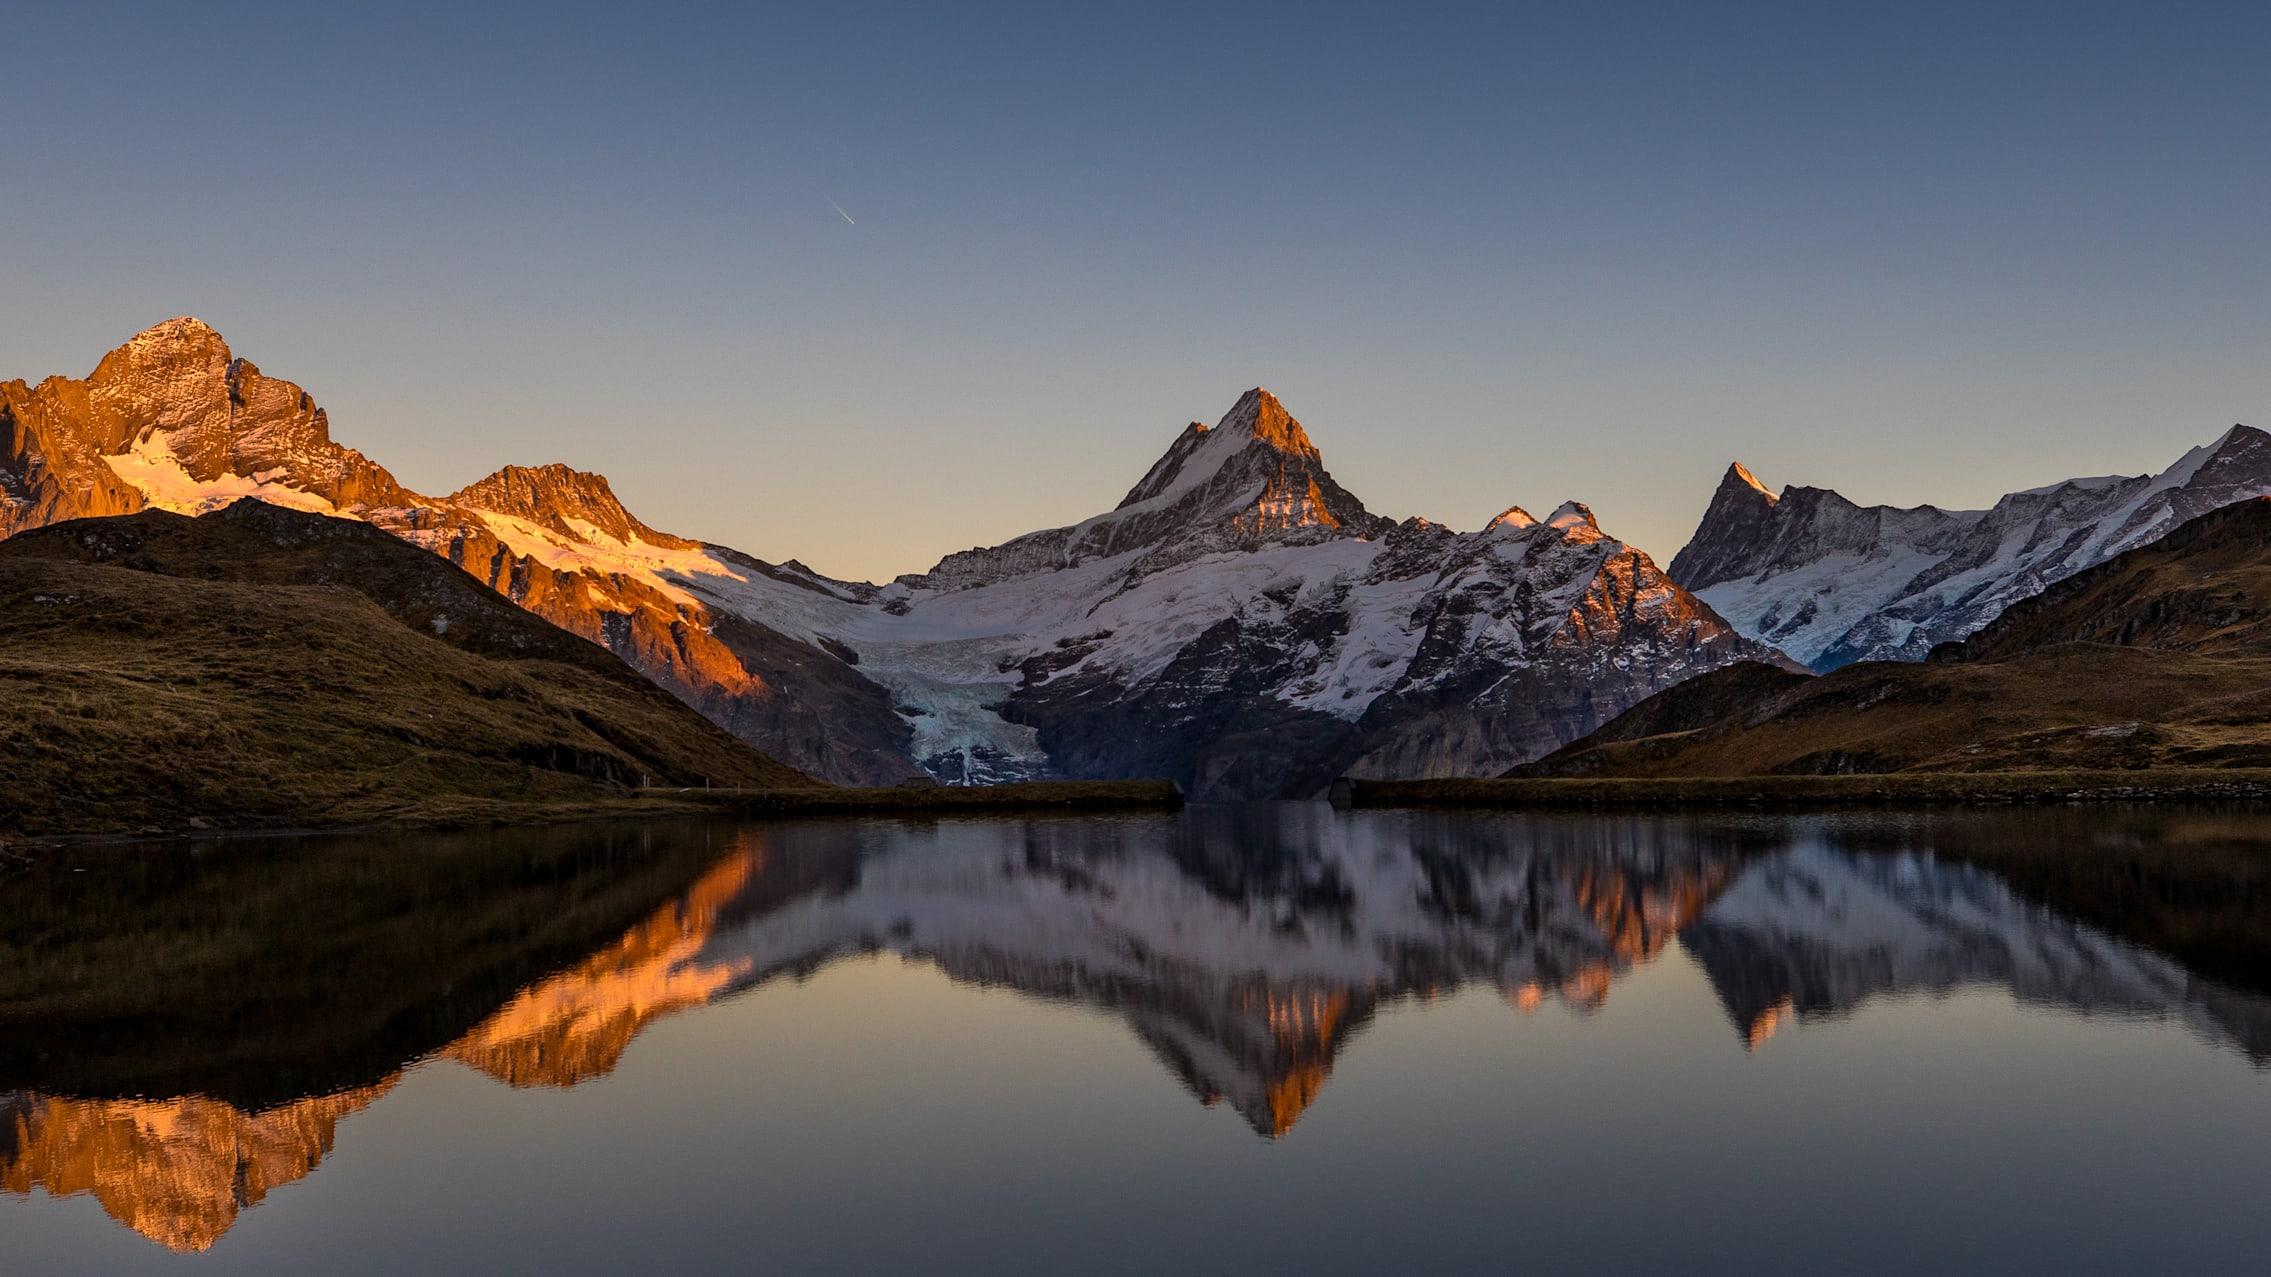 Abend-Morgenstimmung, Angebote, Bachalpsee, Erlebnisse-Aktivitaeten, Grindelwald-First-Sommer, Jahreszeit, Jungfrau-Travel-Pass, Sommer, Verhältnisse, jungfrau.ch